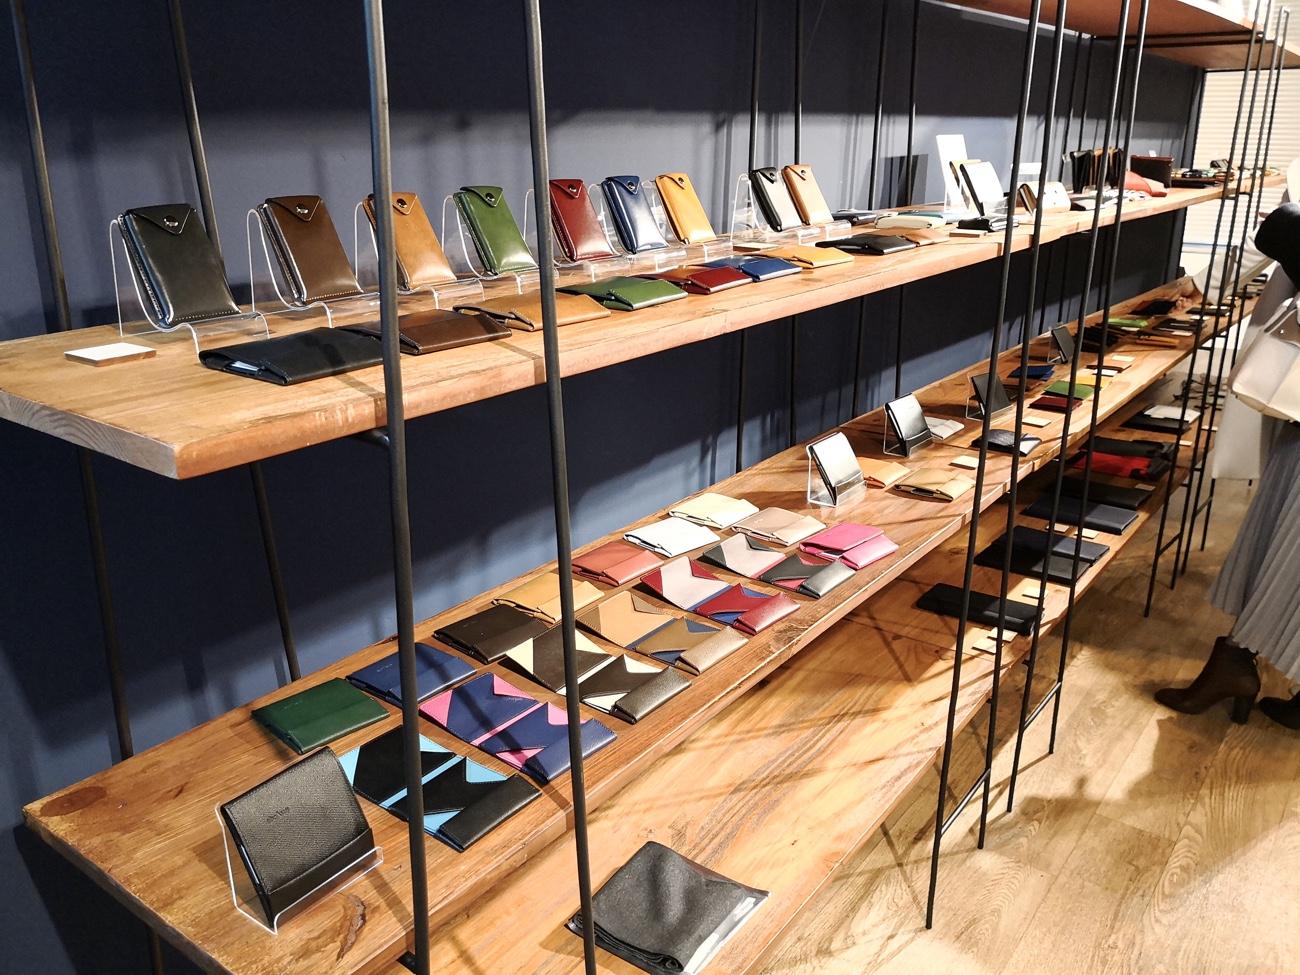 薄い財布と小さい財布 スーパークラシック大阪